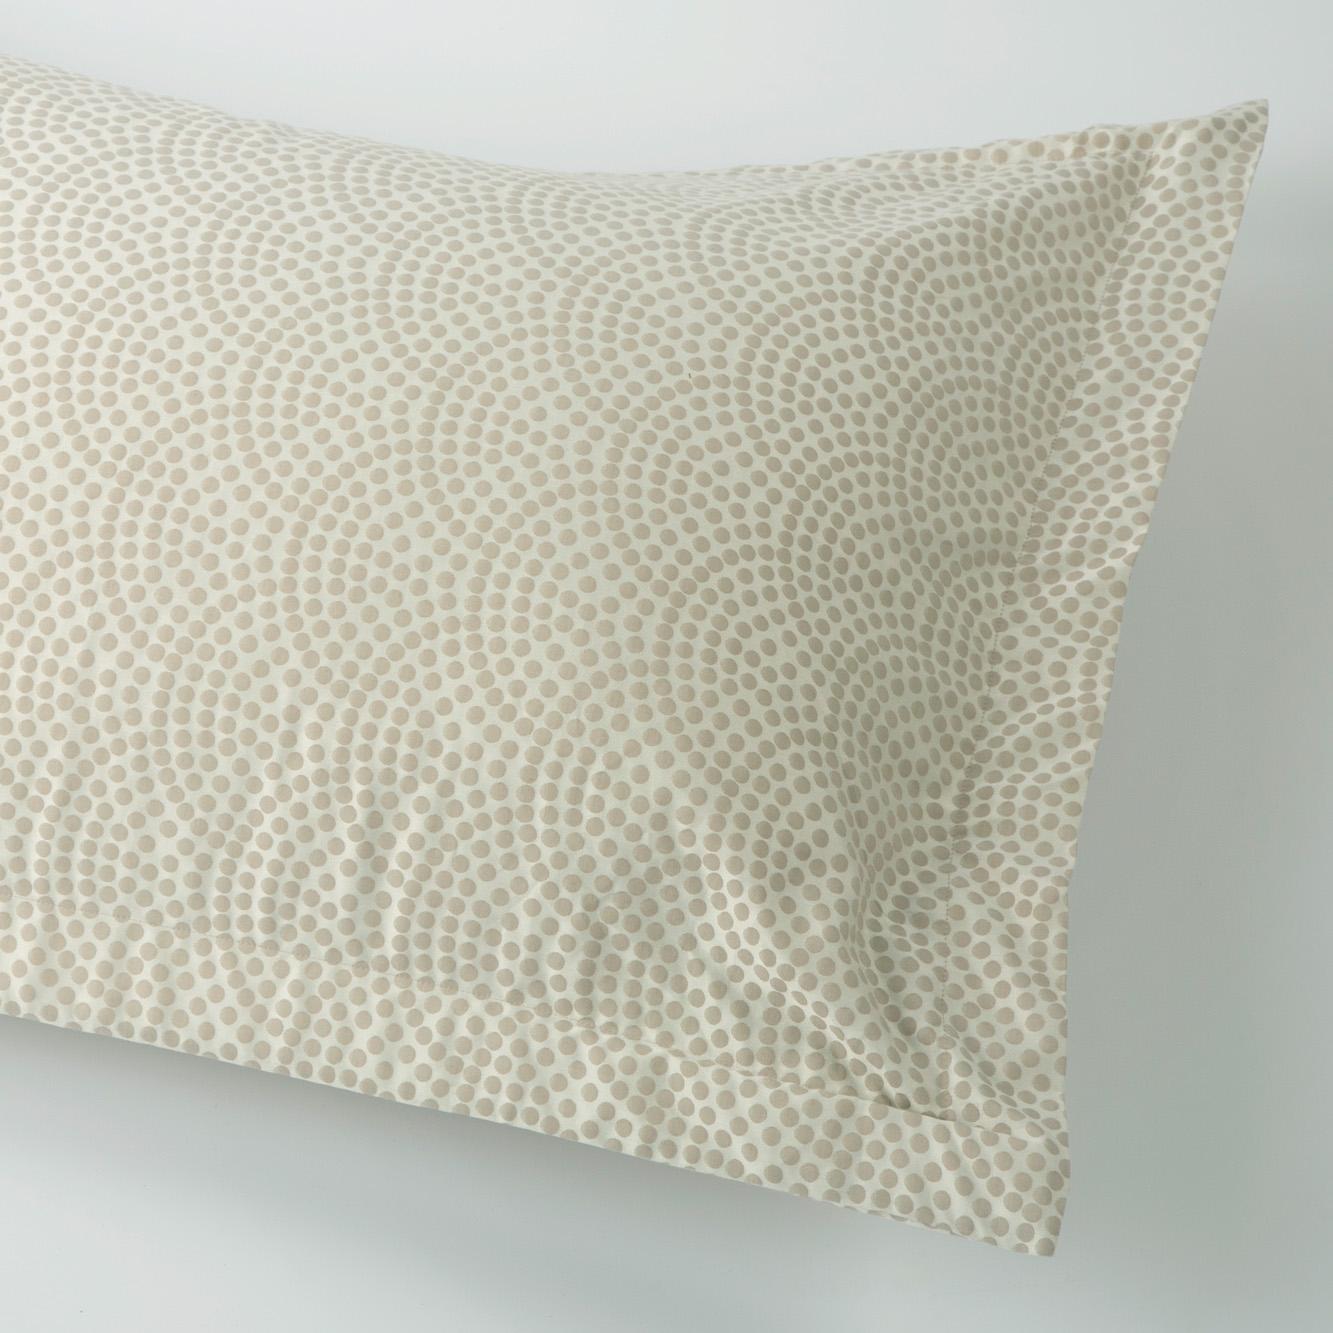 Avignon Oxford Pillowcase